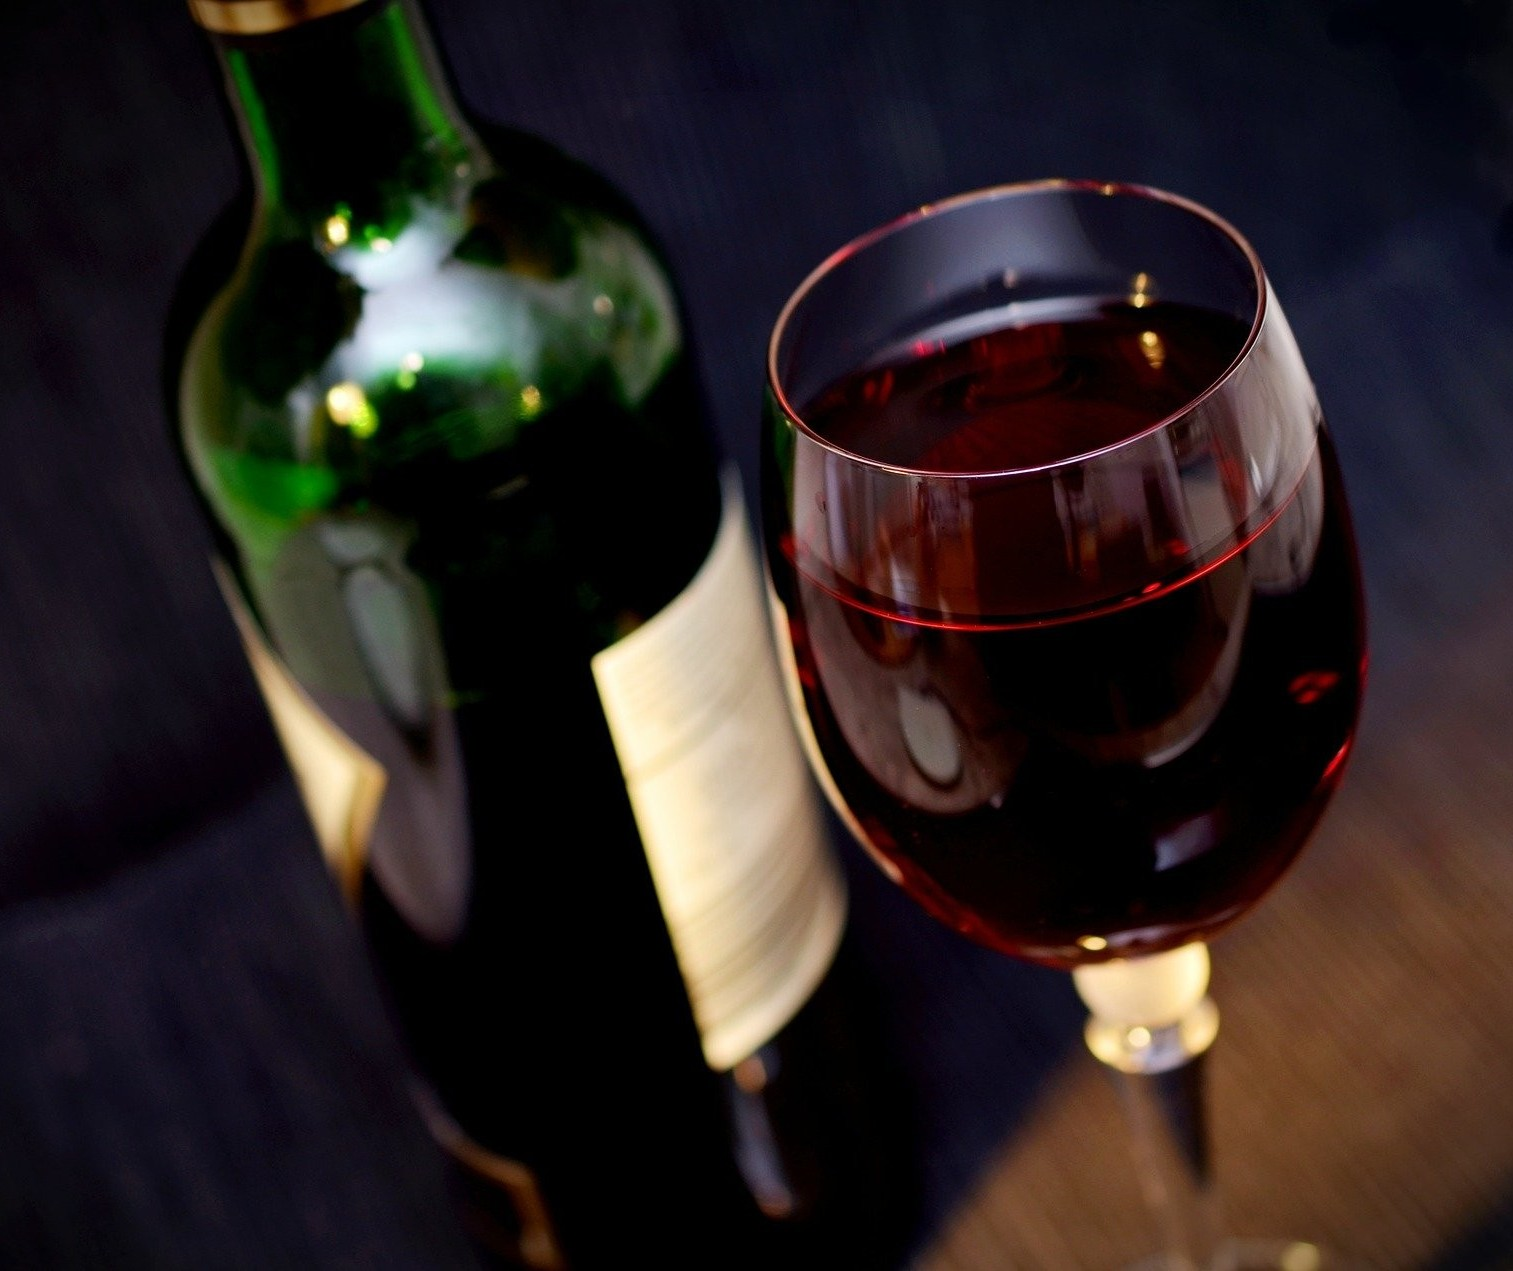 Como ler corretamente o rótulo de um vinho?